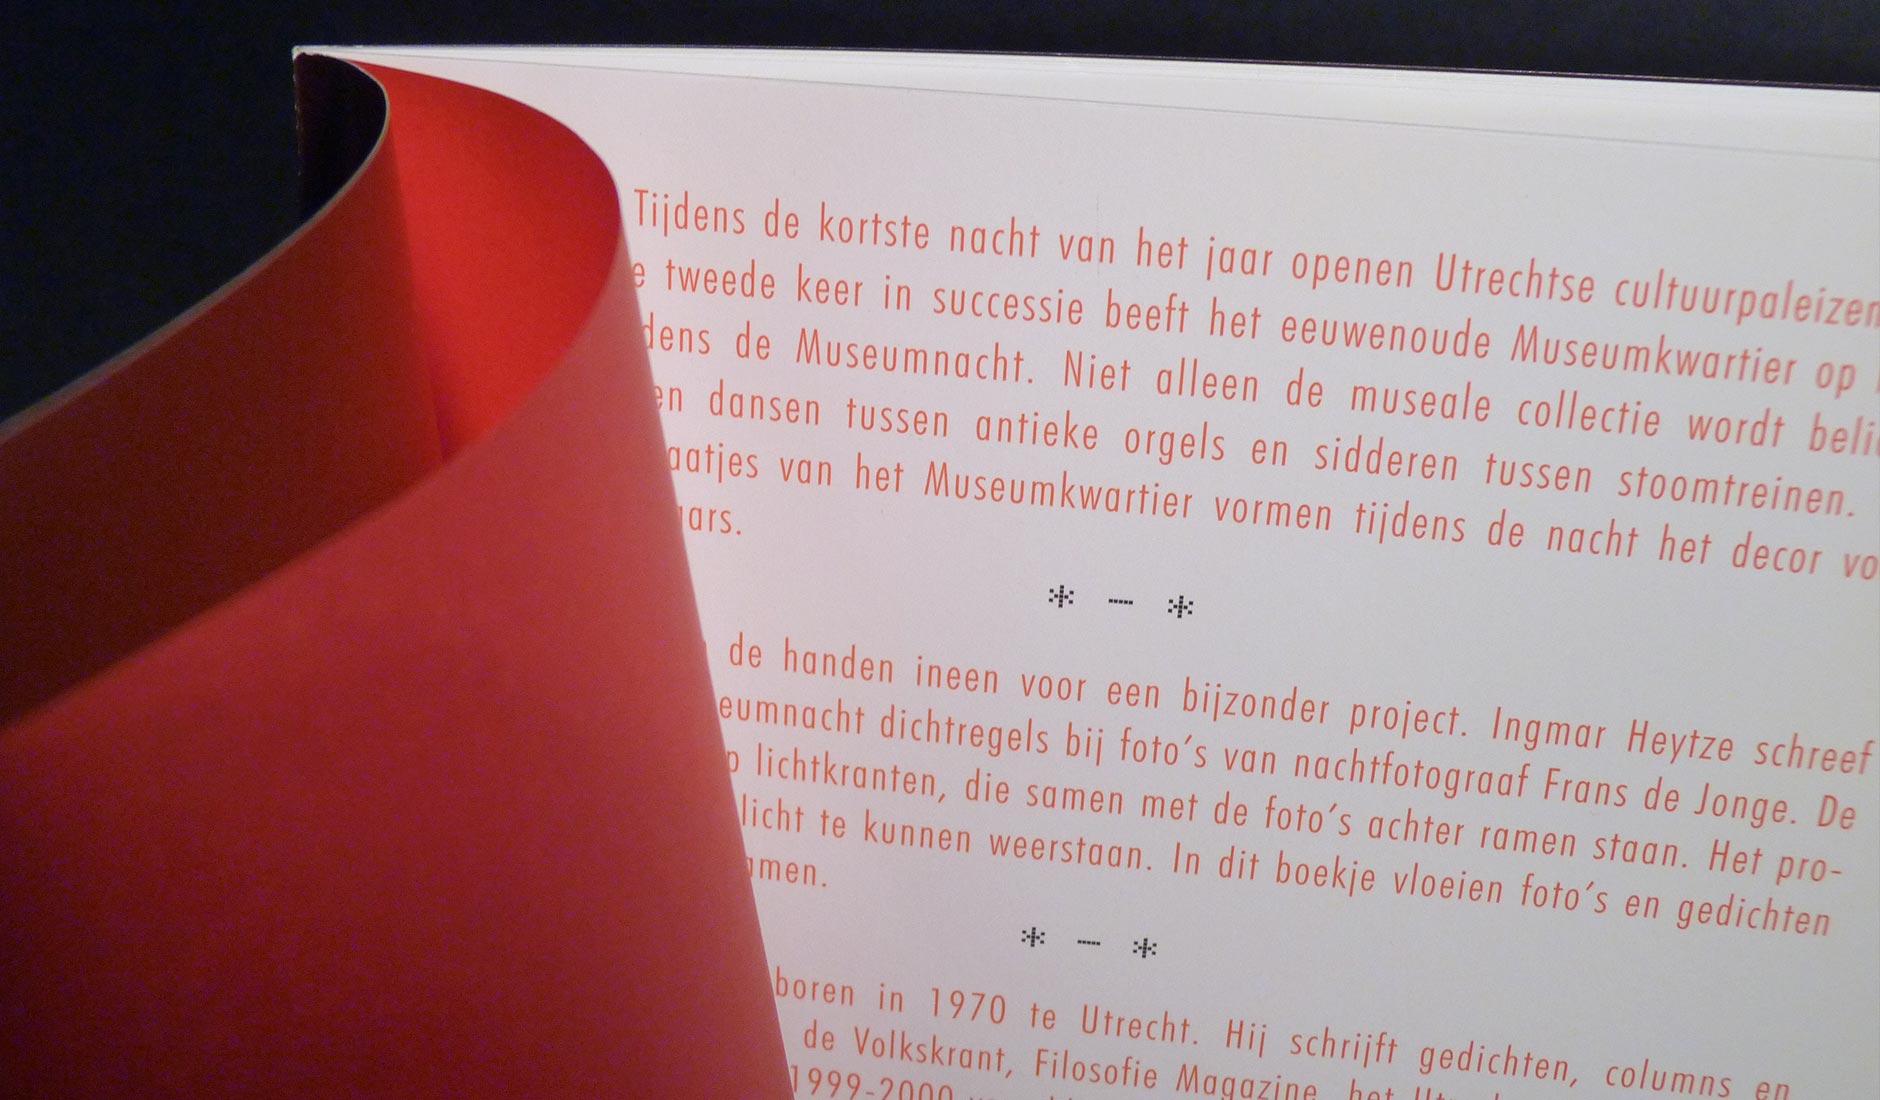 Close-up van gebruikte papiersoorten. De rode intro-tekst wordt pas zichtbaar wanneer het doorschijnende rode calquepapier is omgeslagen.